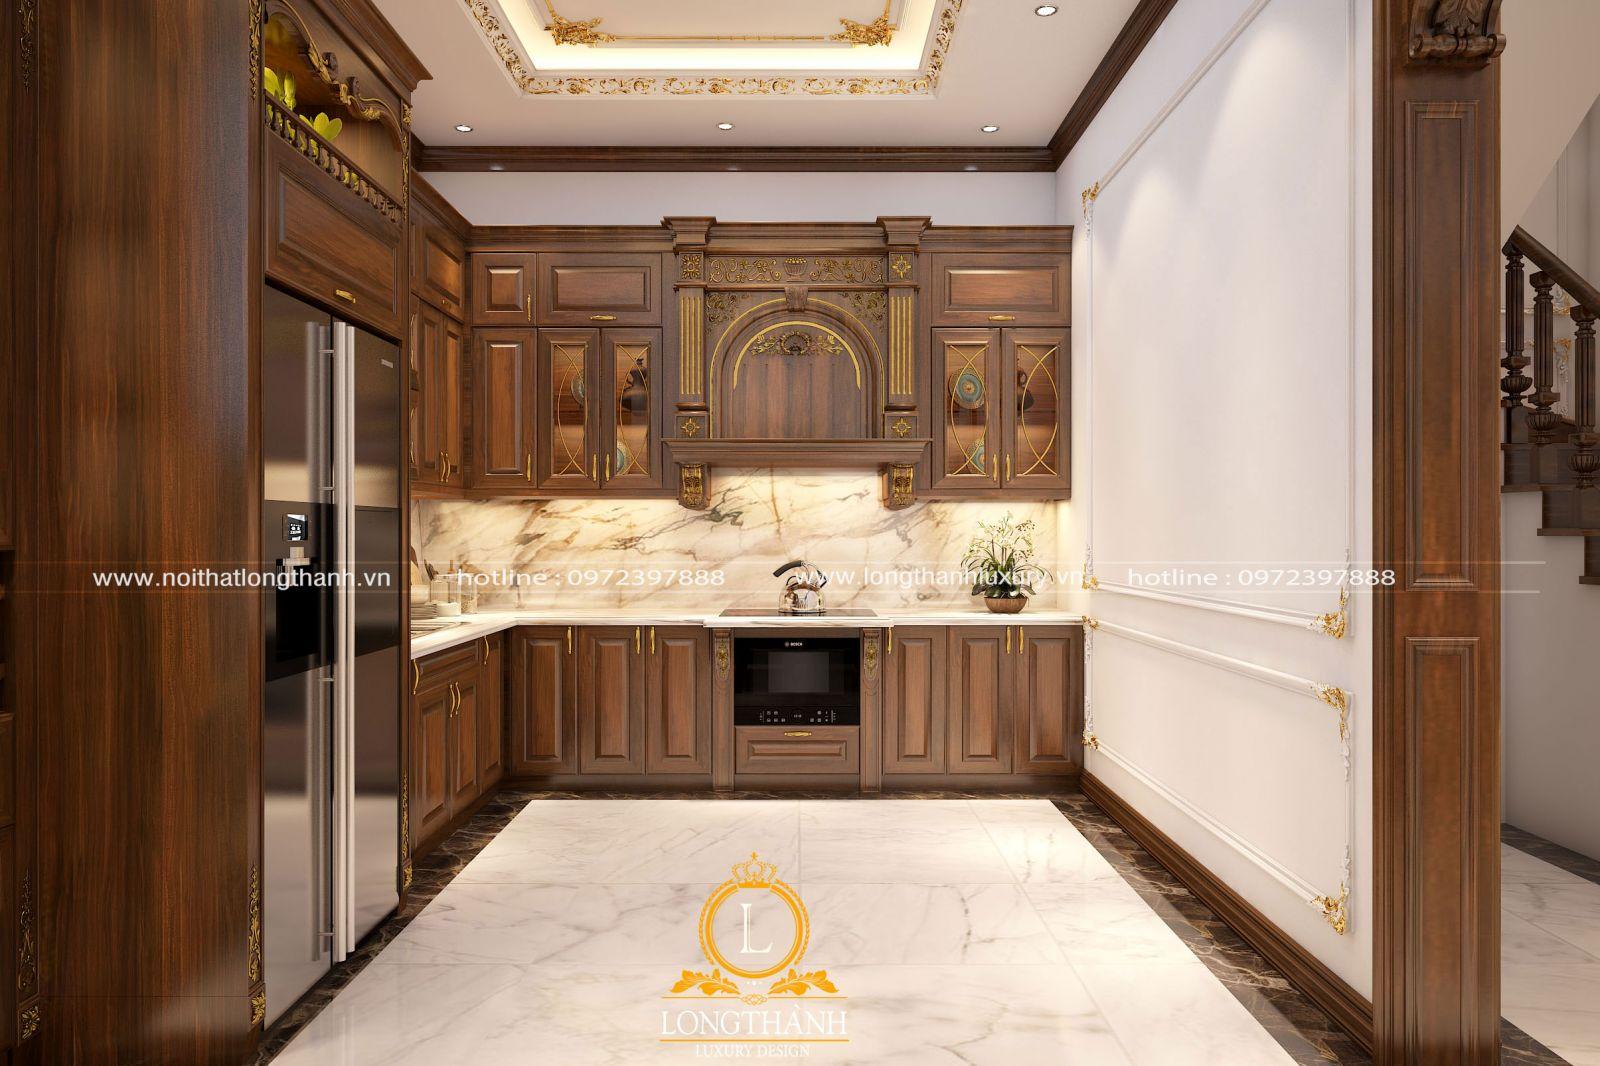 Tủ bếp đẹp cho ngôi nhà sang